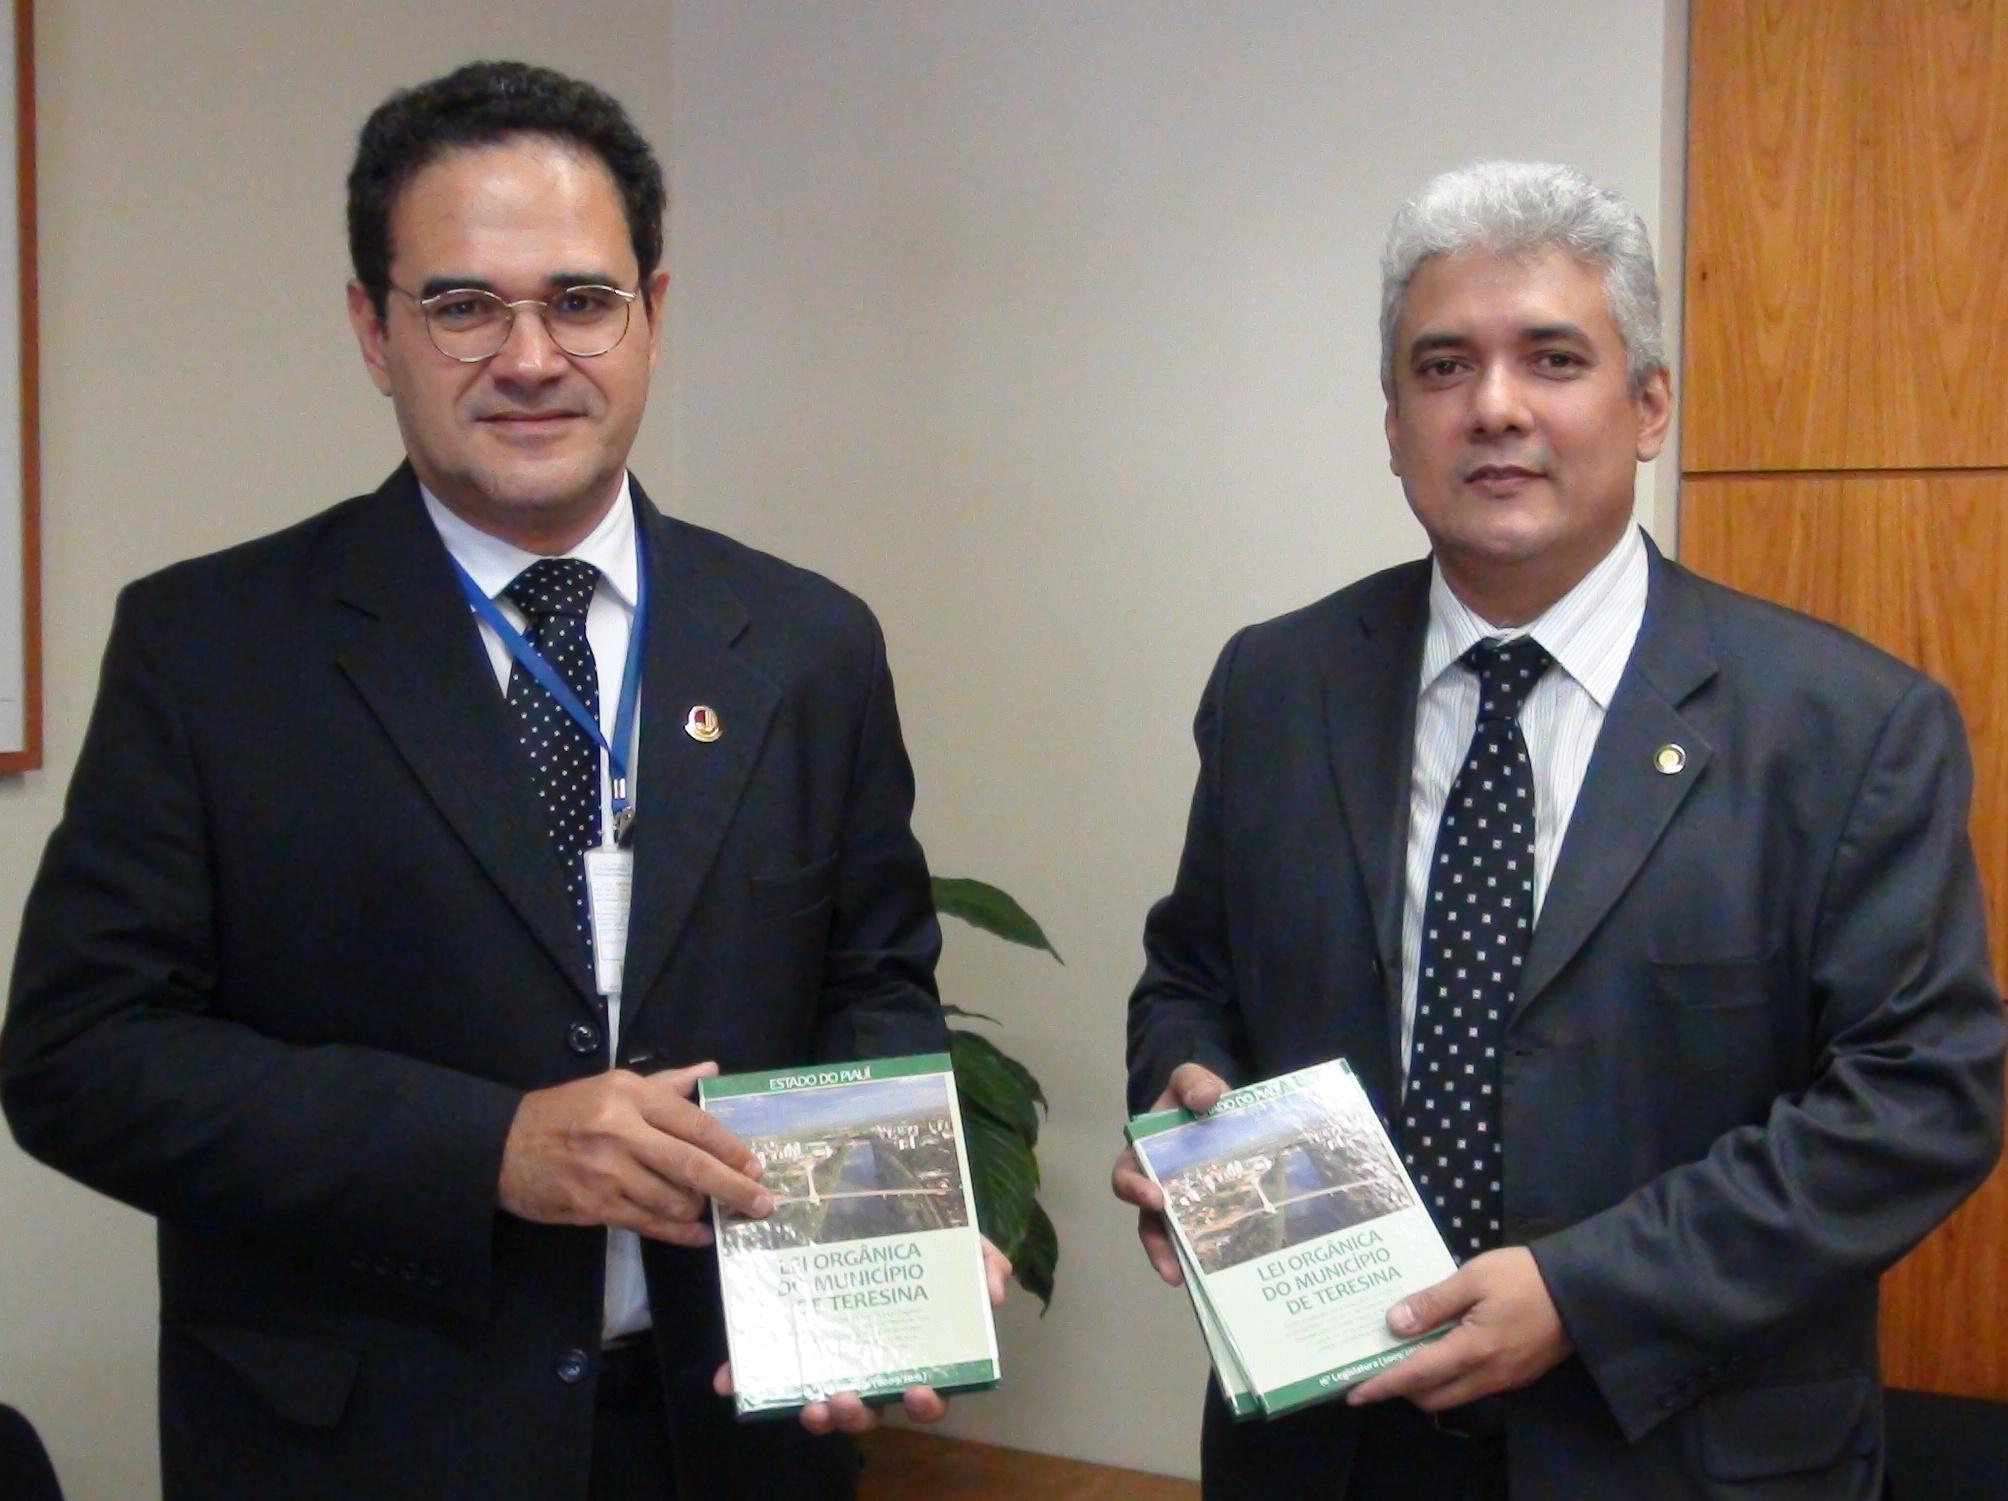 MODERNIZAÇÃO - Vereador de Teresina apresenta edição da Lei Orgânica feita sob consultoria do Interlegis